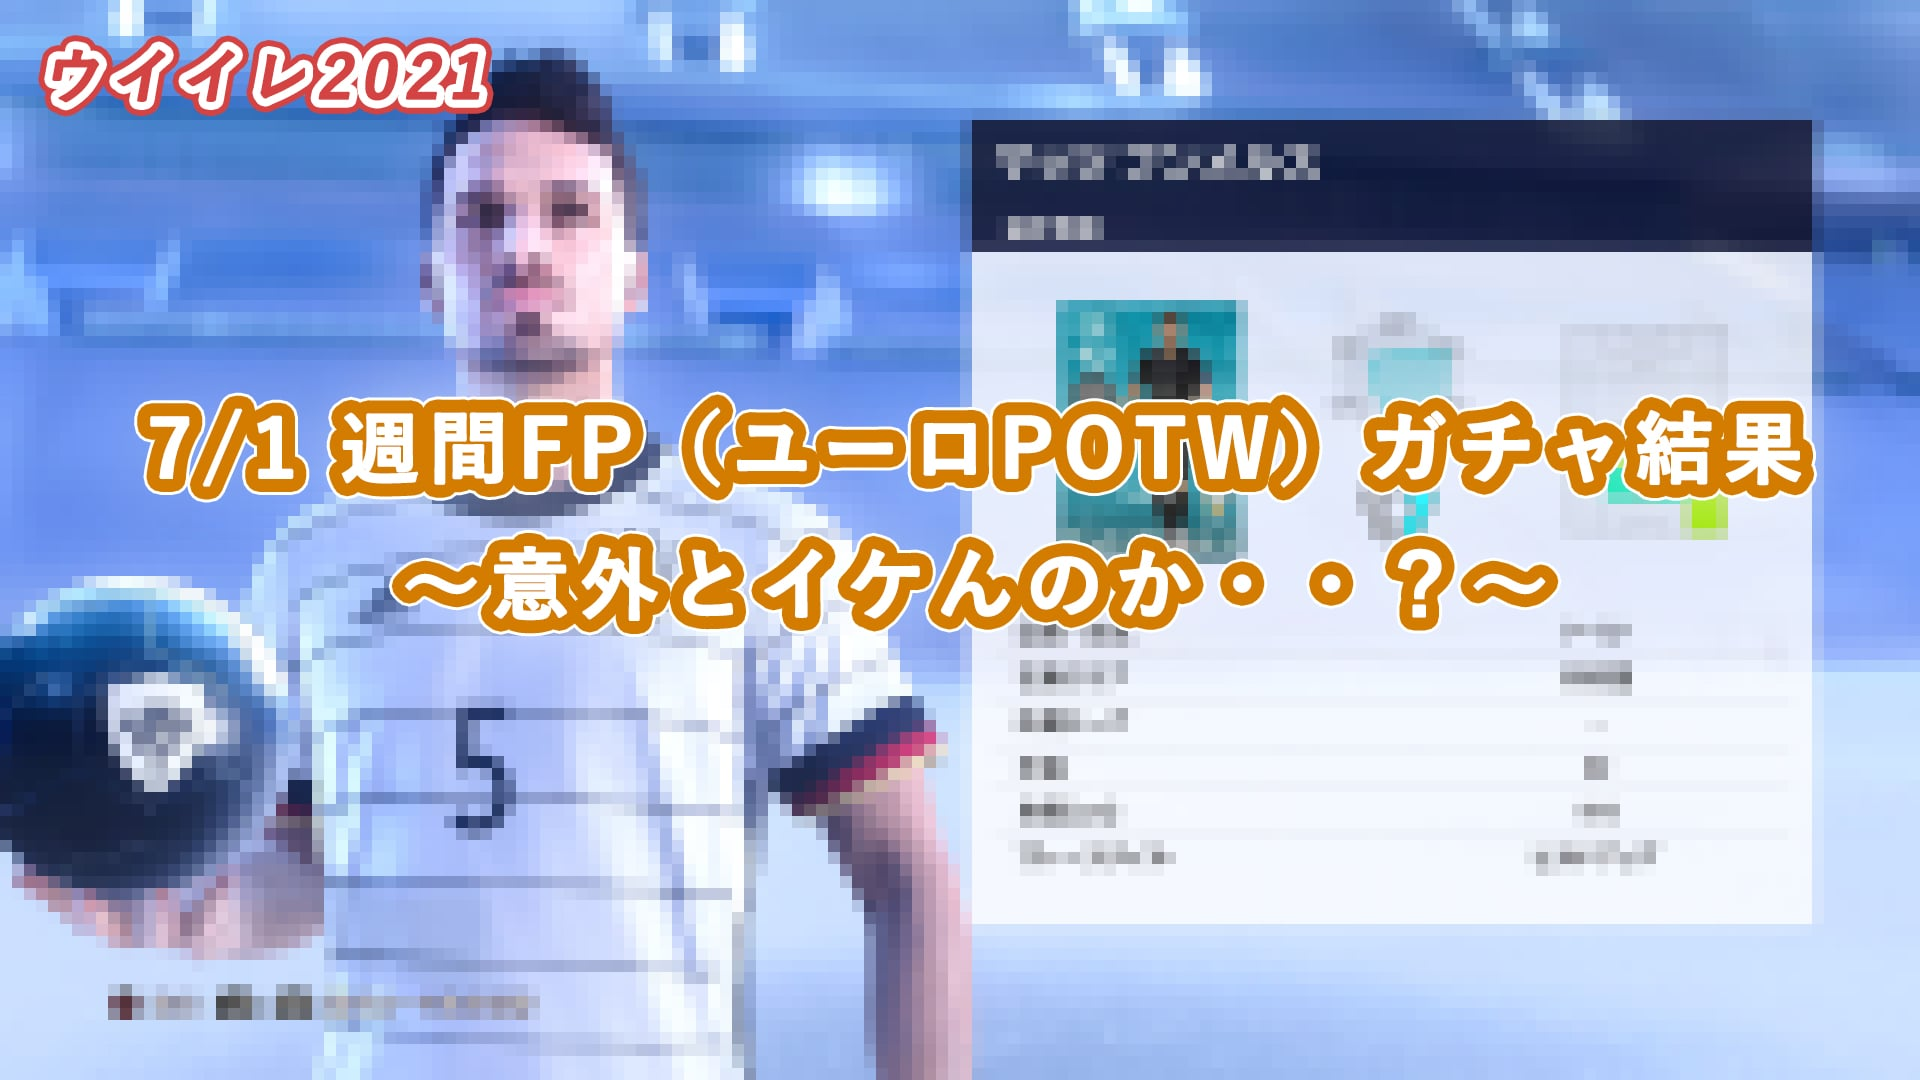 【ウイイレ2021】7/1 週間FP(ユーロPOTW)ガチャ結果 ~意外とイケんのか・・?~